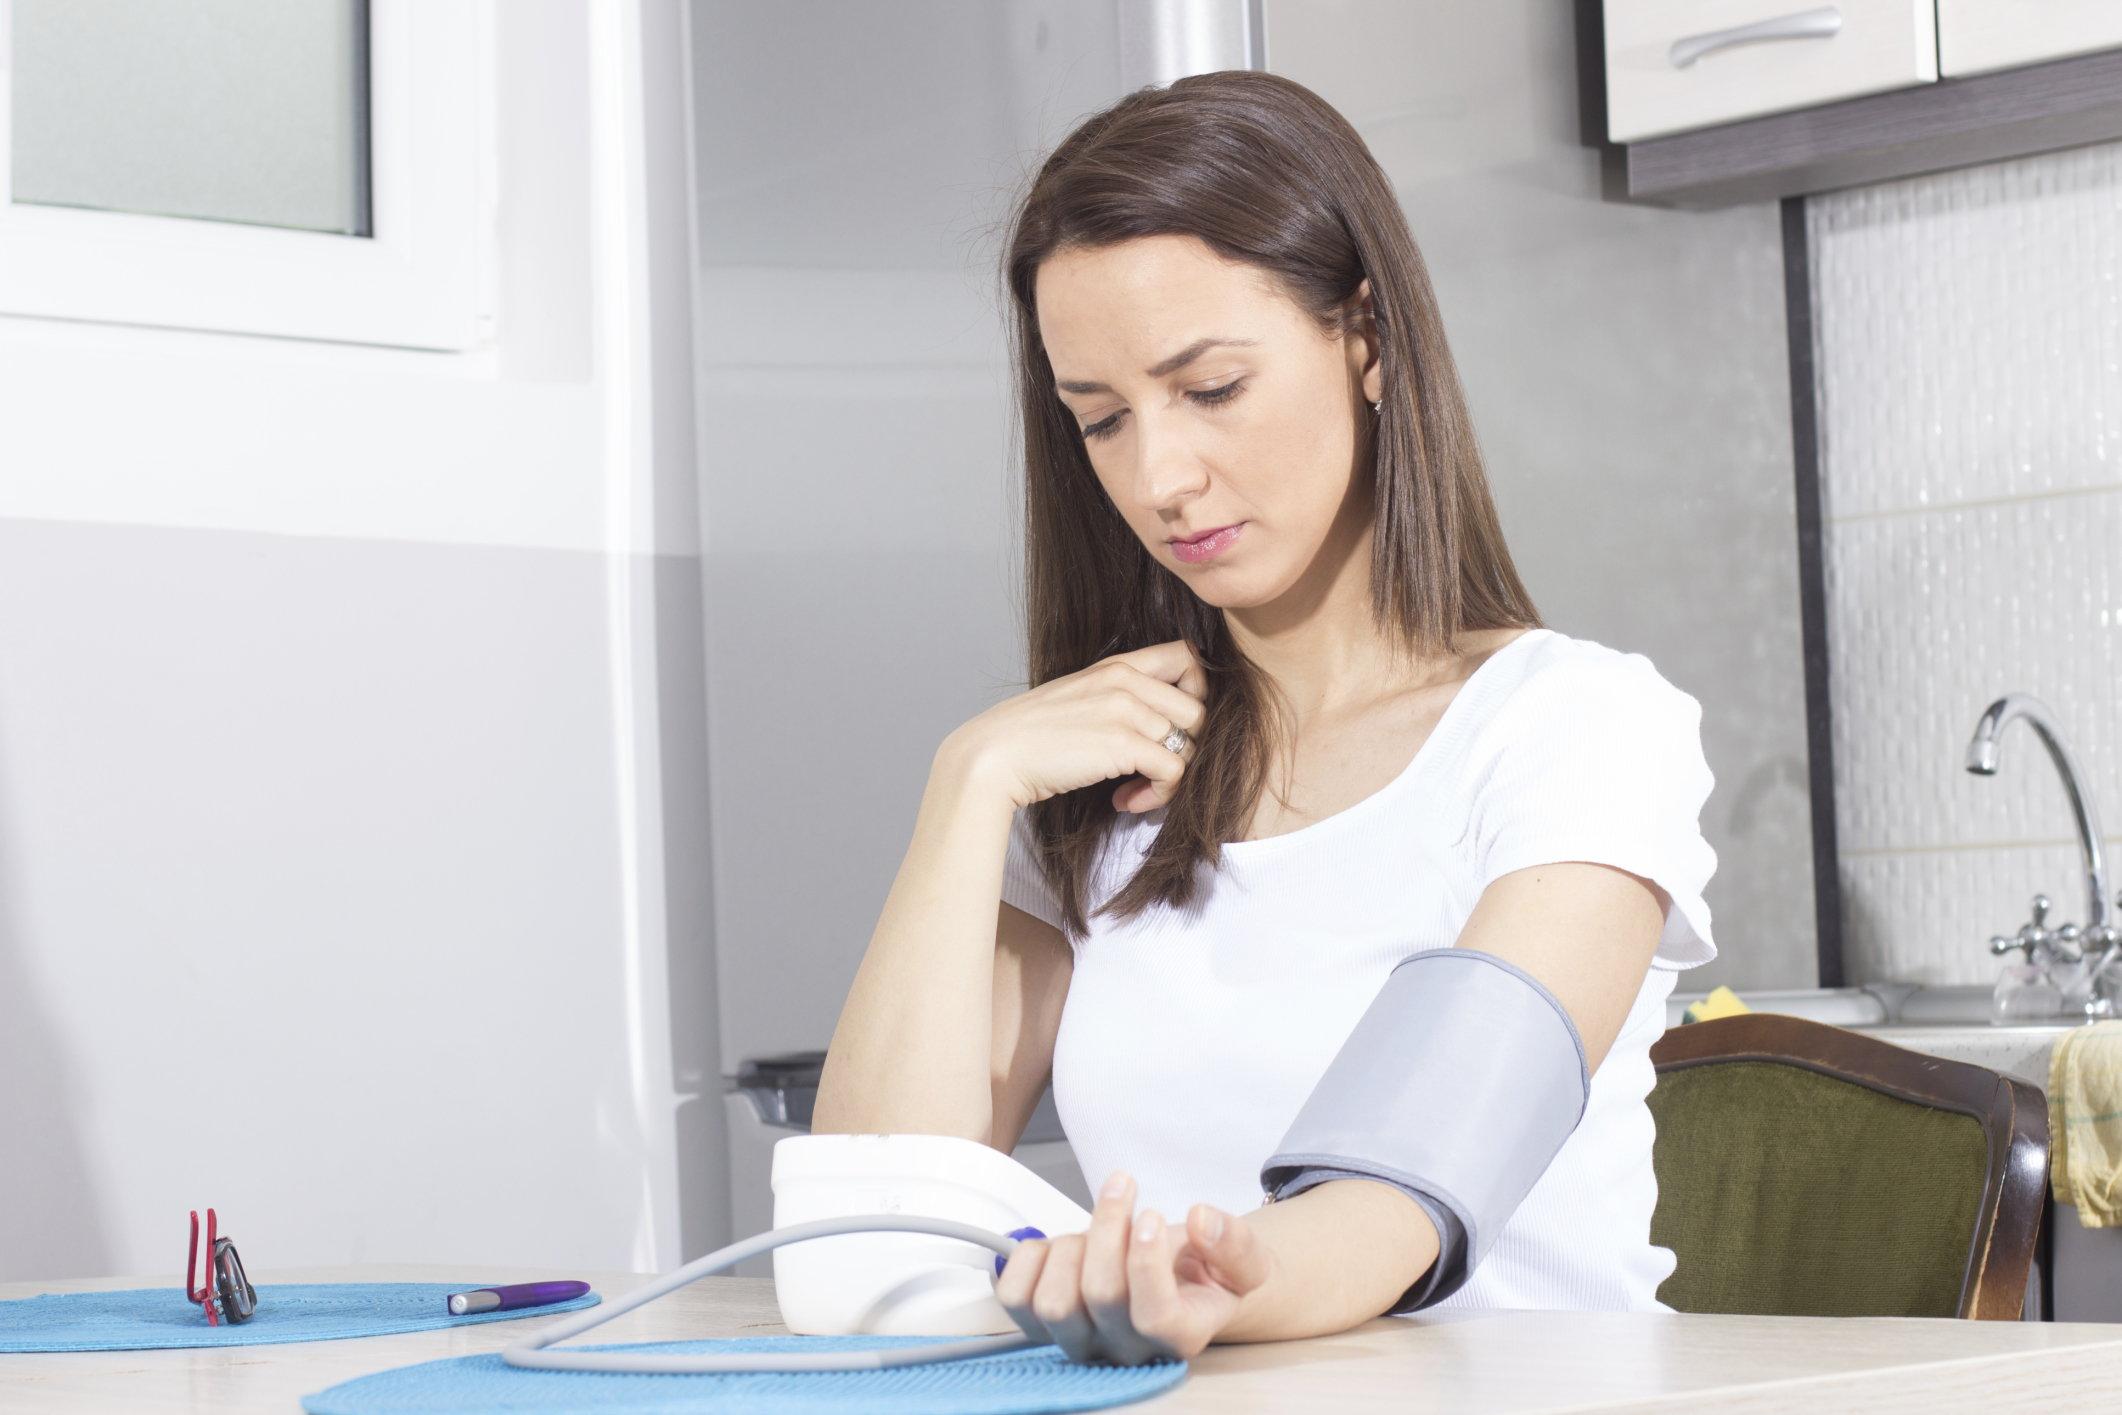 hogy a 3 fokozatú magas vérnyomás ad-e rokkantságot fehérje és magas vérnyomás